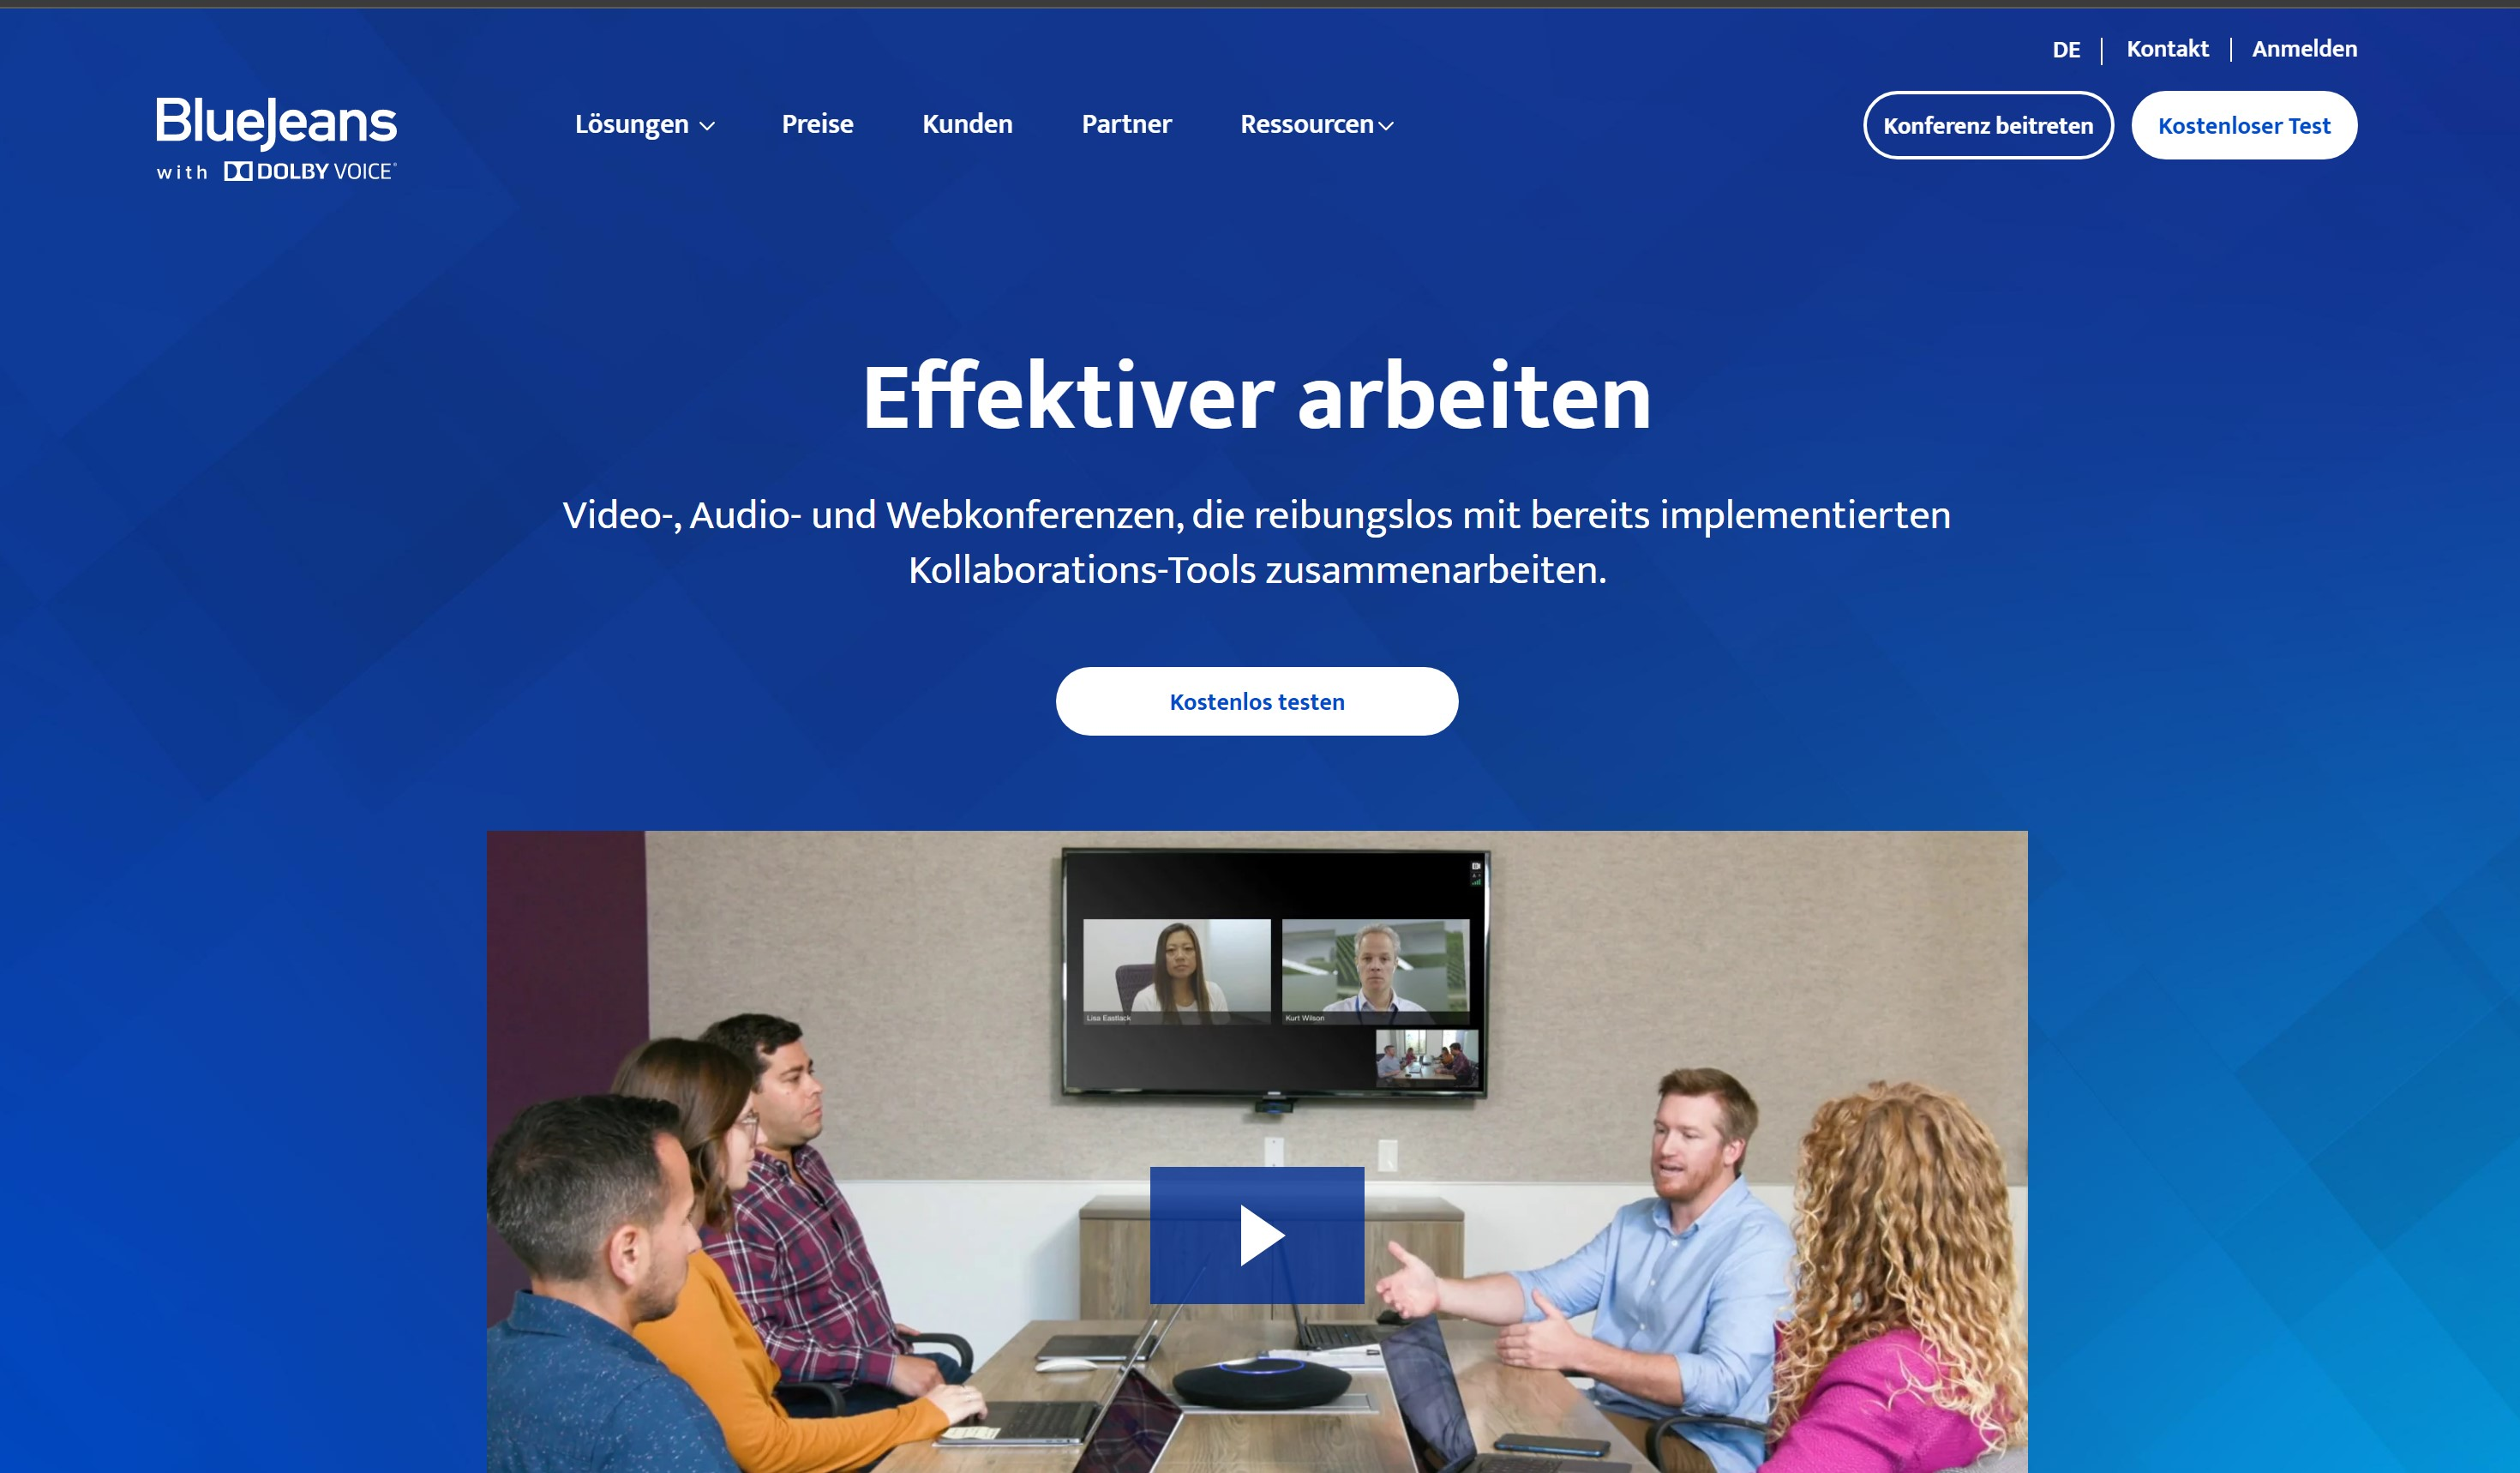 BlueJeans Website auf Laptop